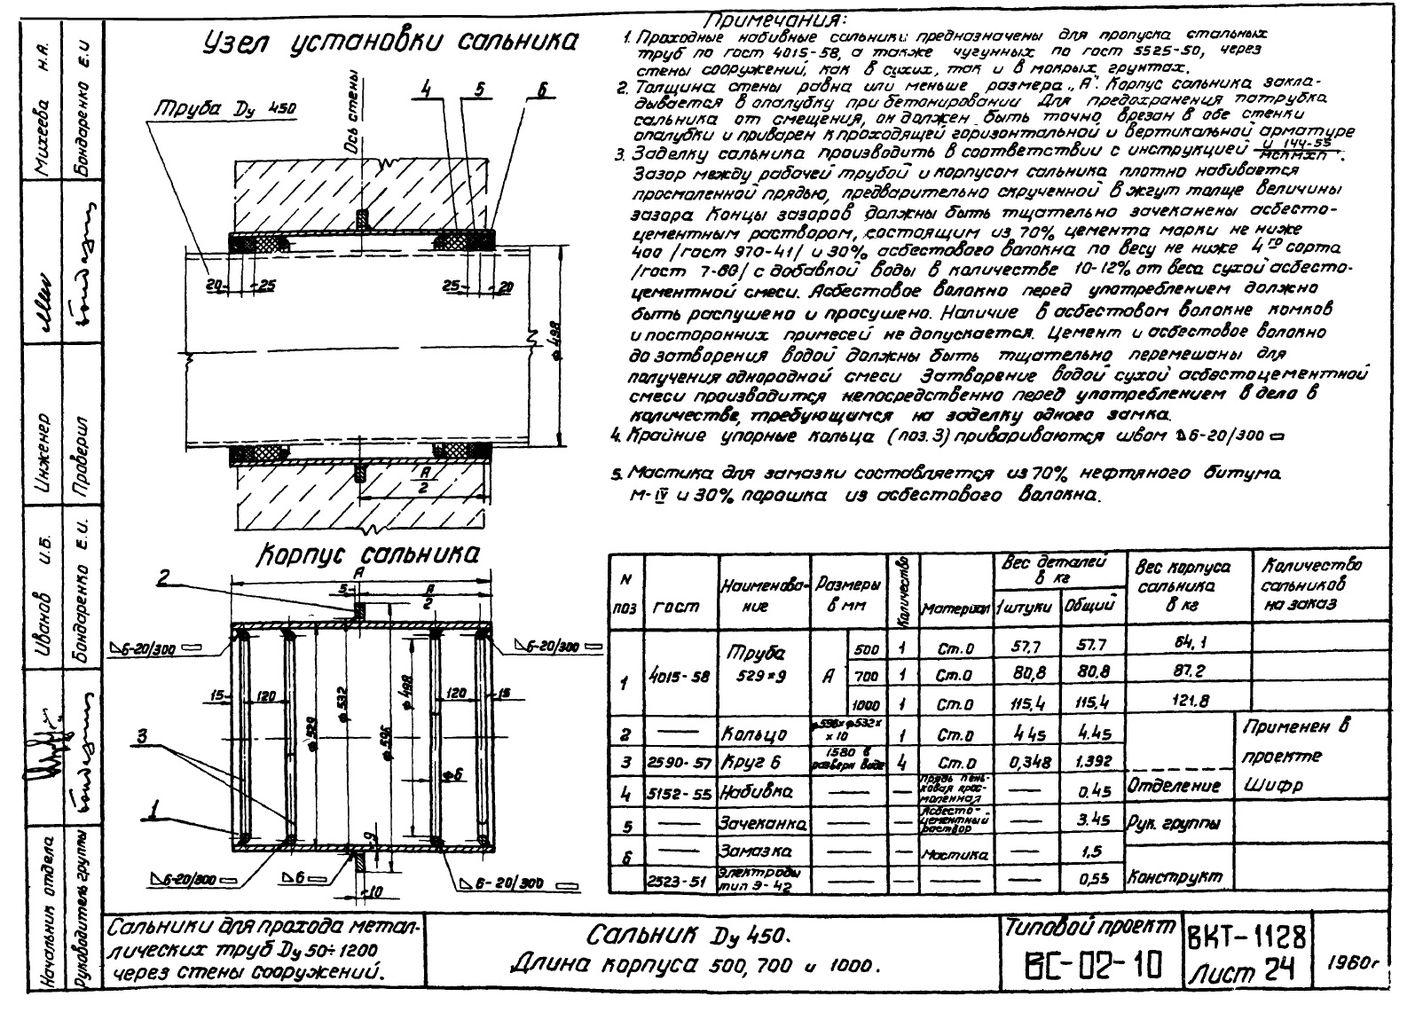 Сальники набивные L = 500 мм типовой проект ВС-02-10 стр.11